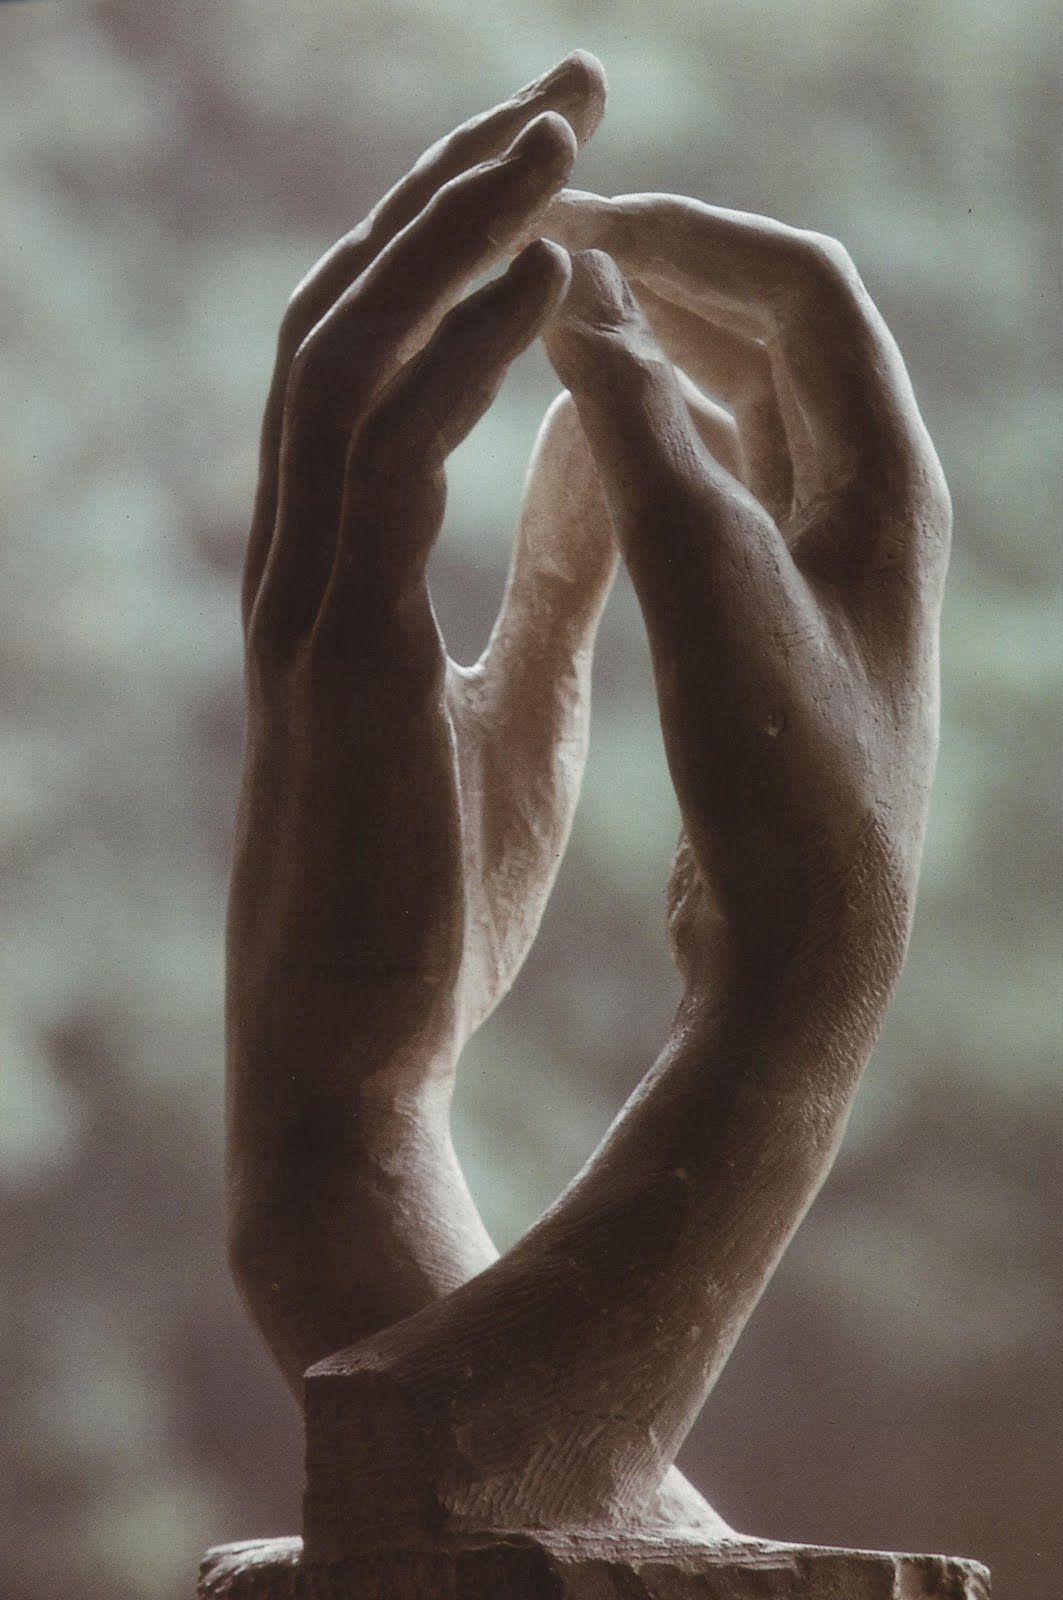 две руки пальцы переплетены картинка ещё этого парня